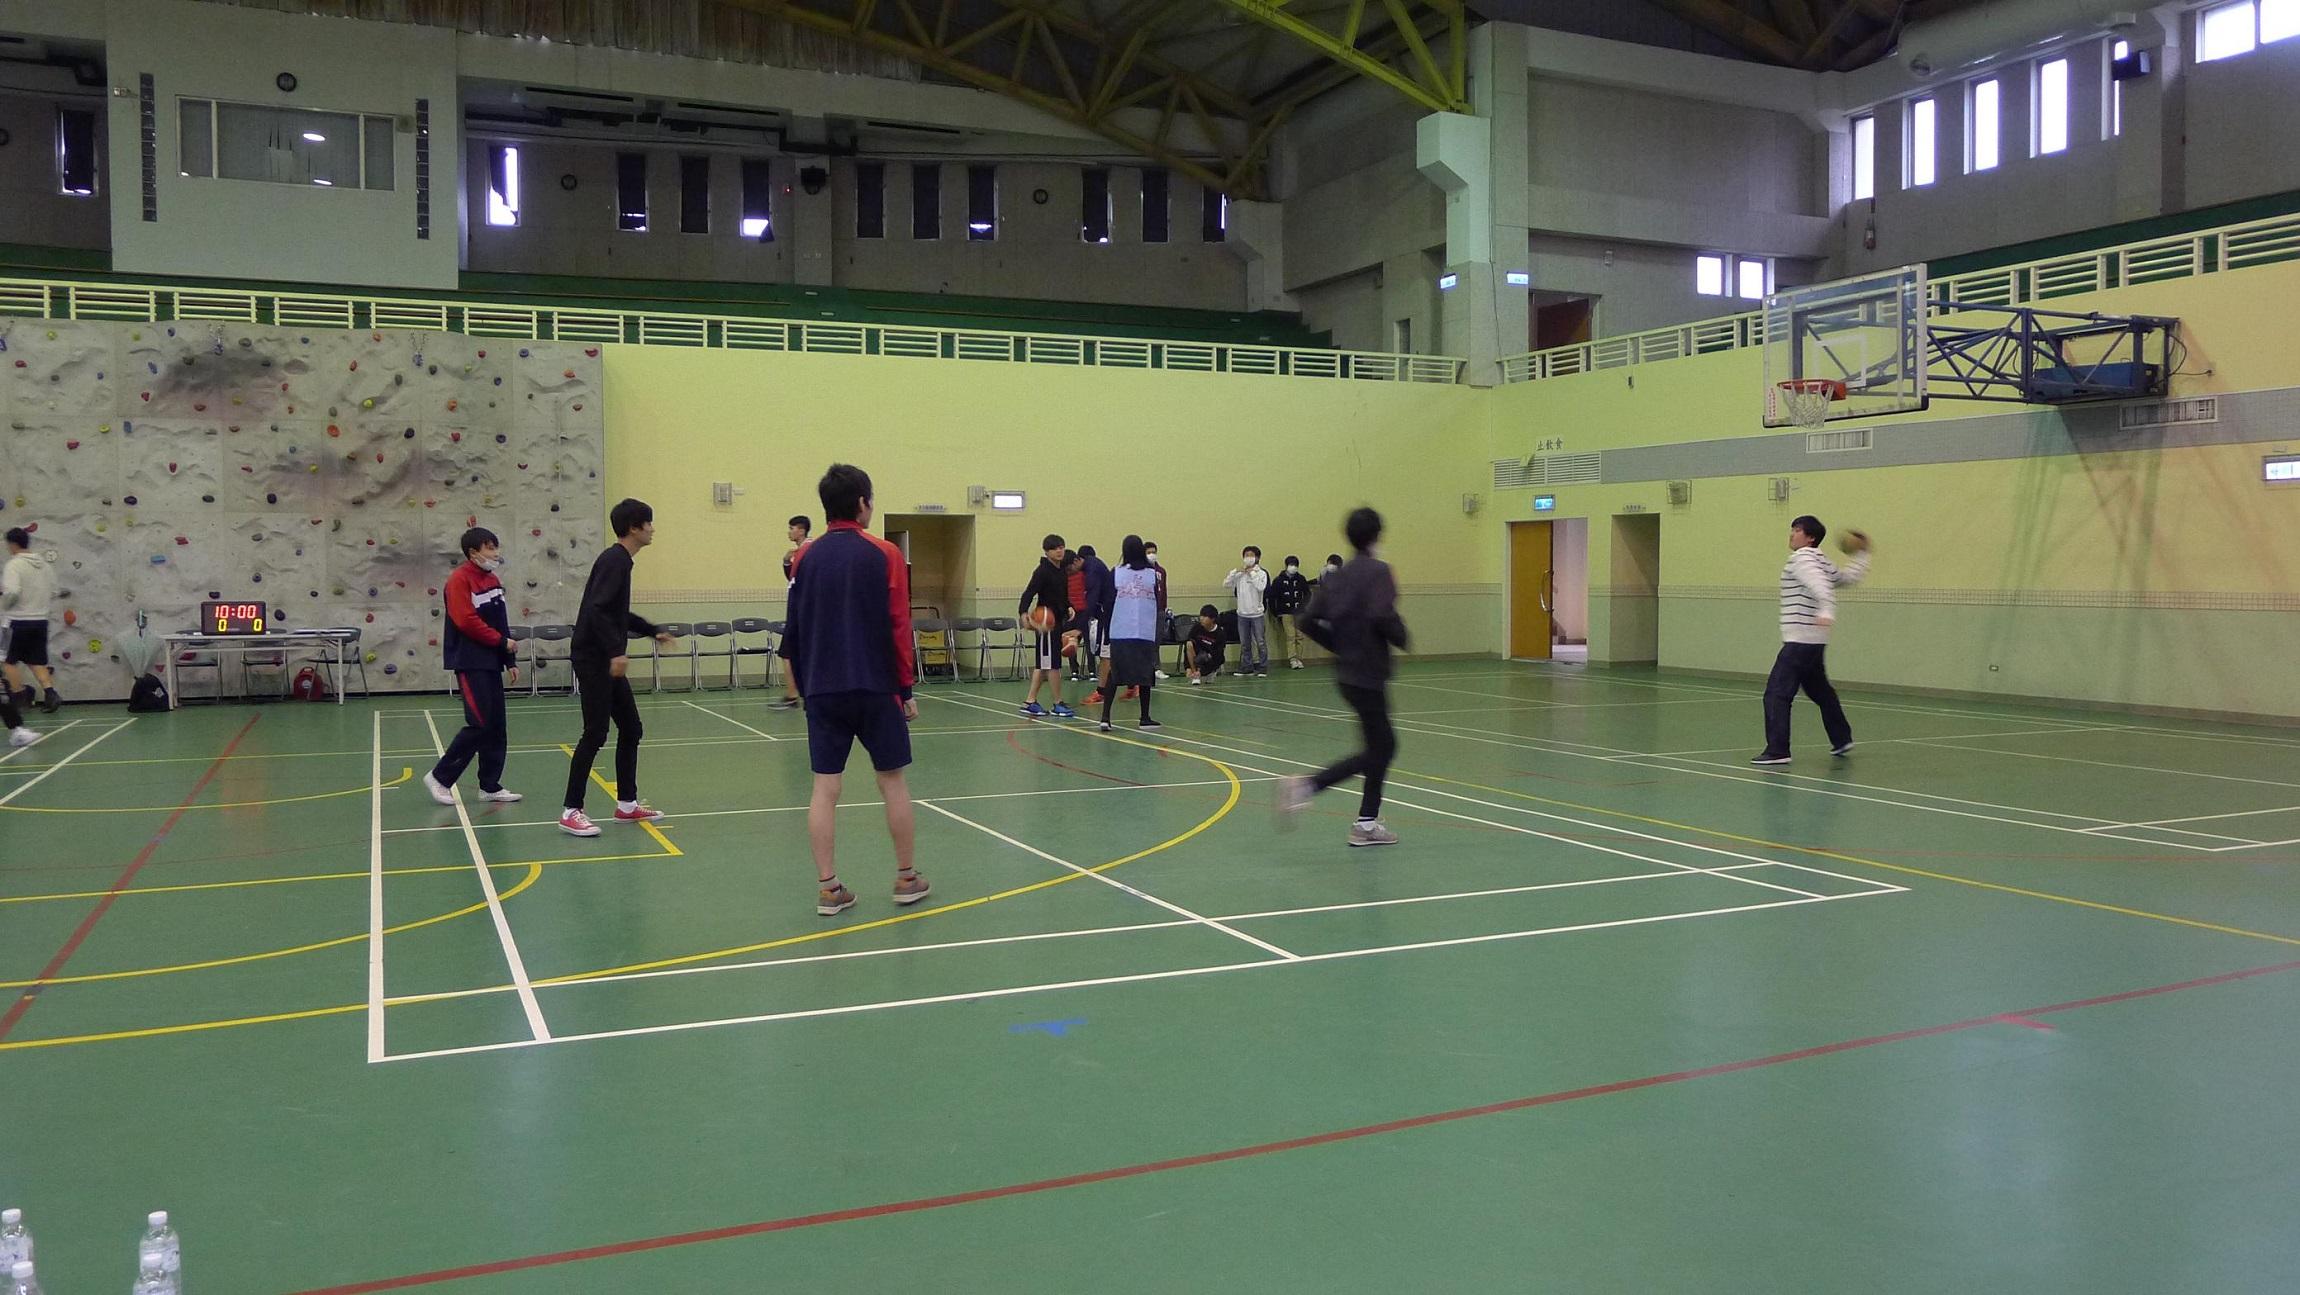 涉谷高校學生與聖約大學生進行籃球友誼賽,就球類活動進行交流